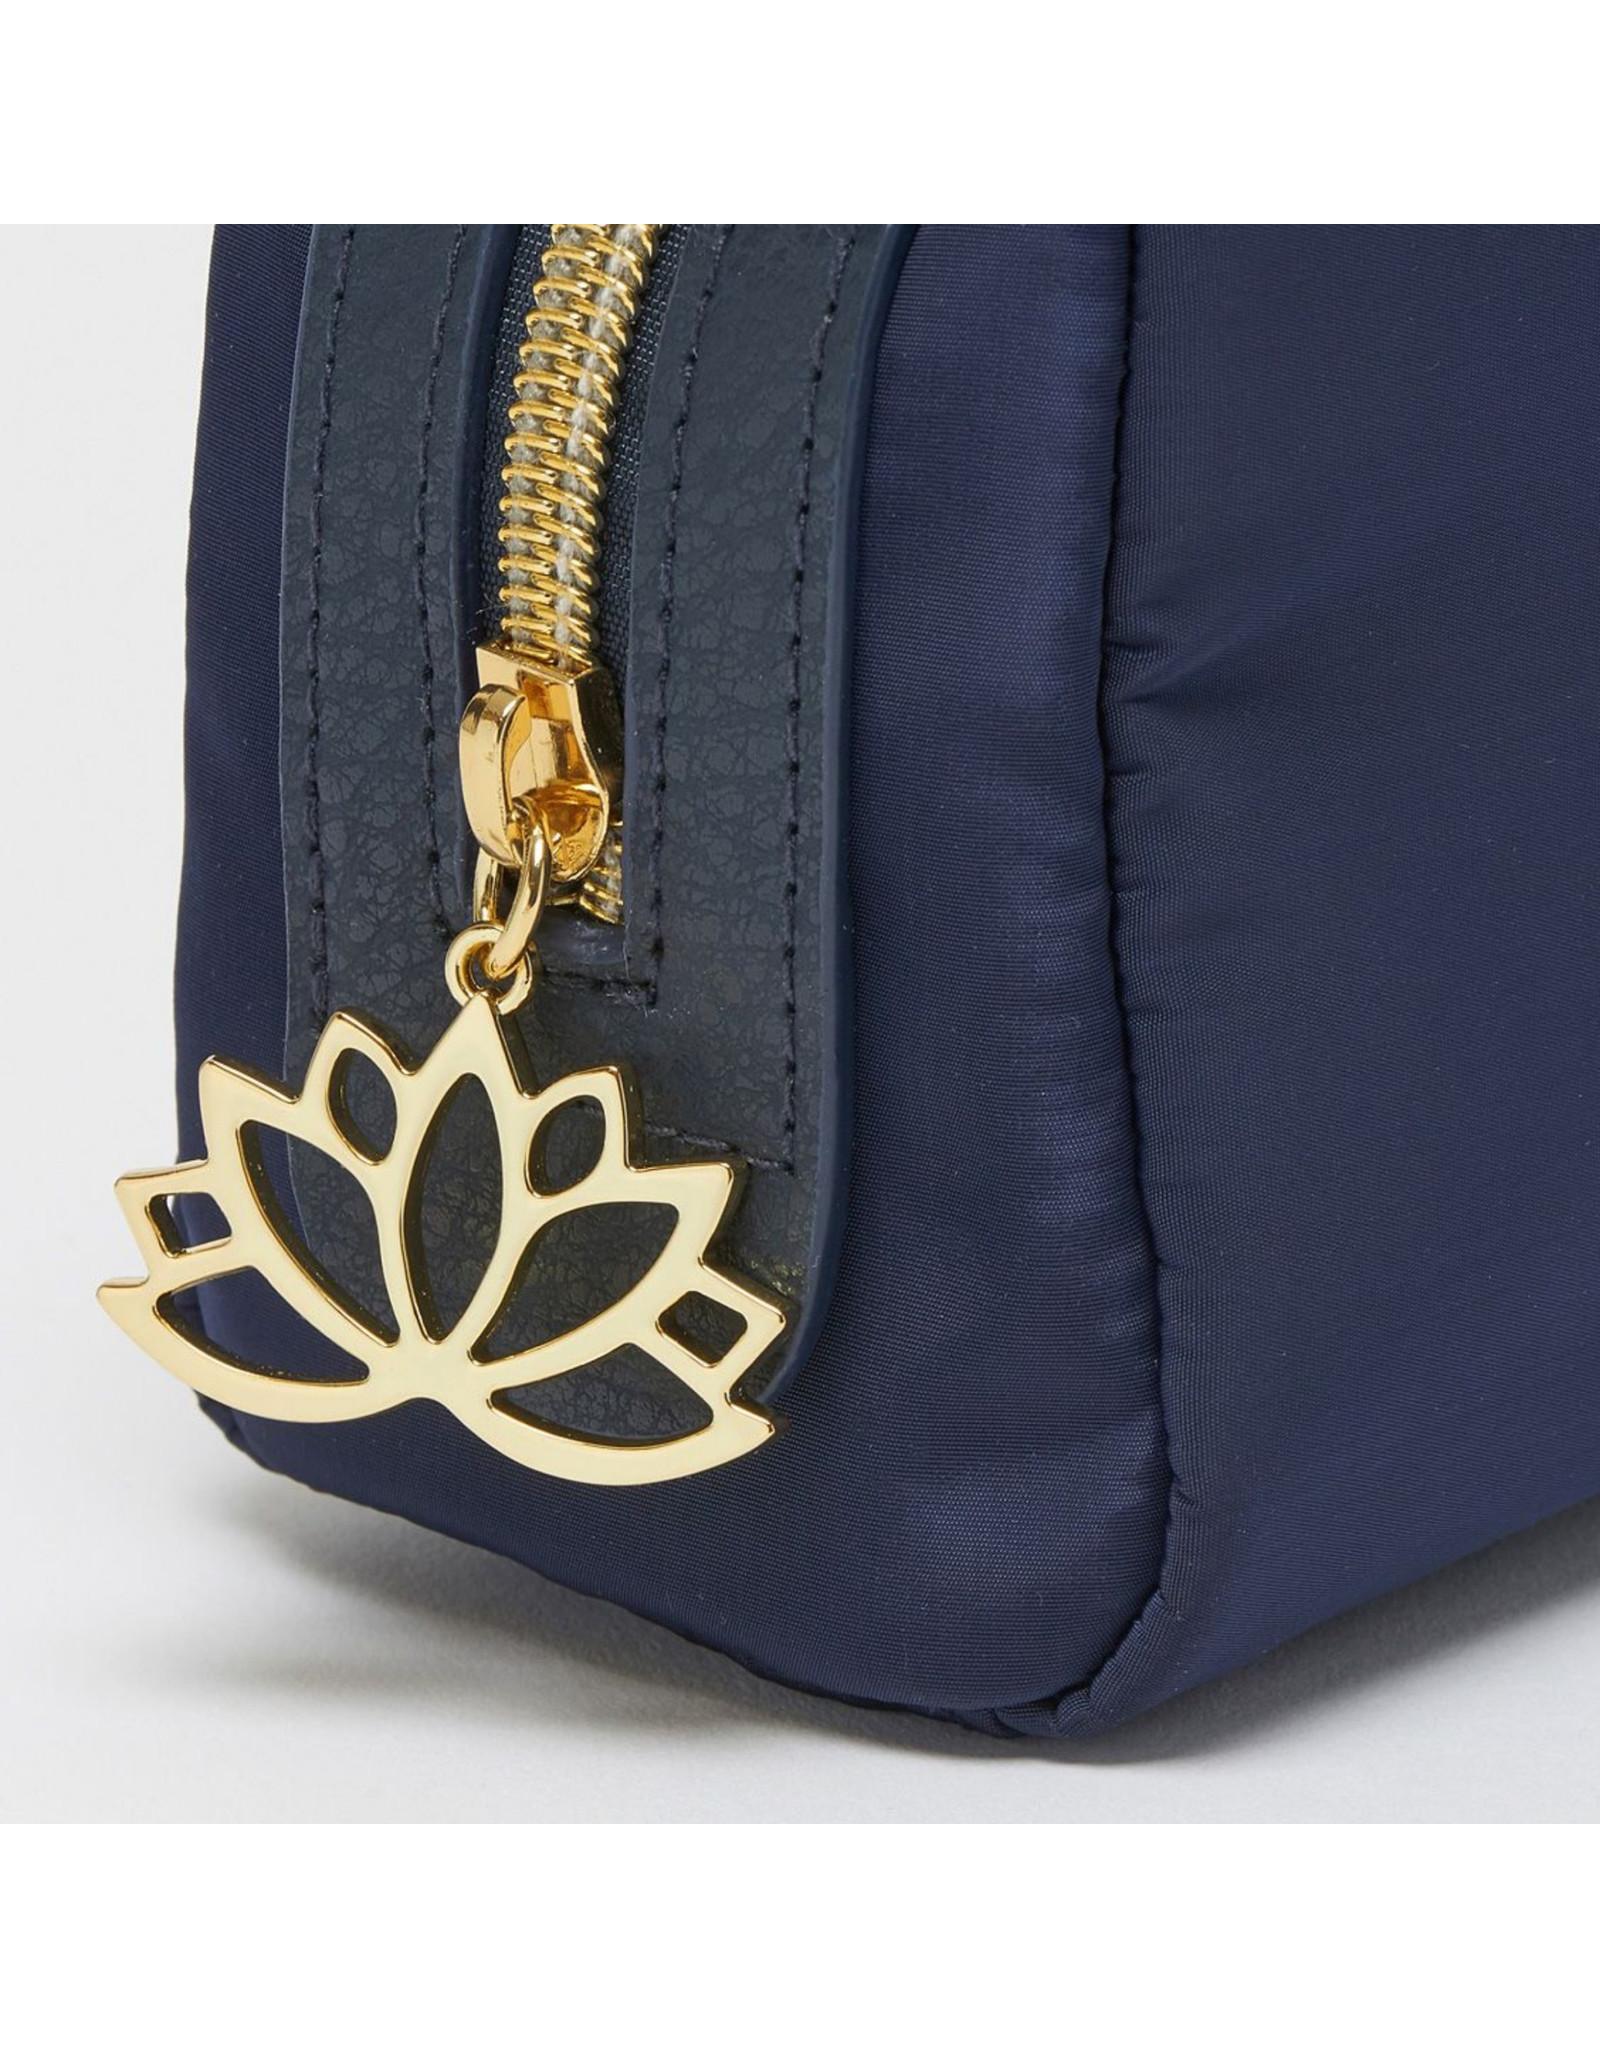 Estella Bartlett Charmed Lotus - Make-uptas Navy